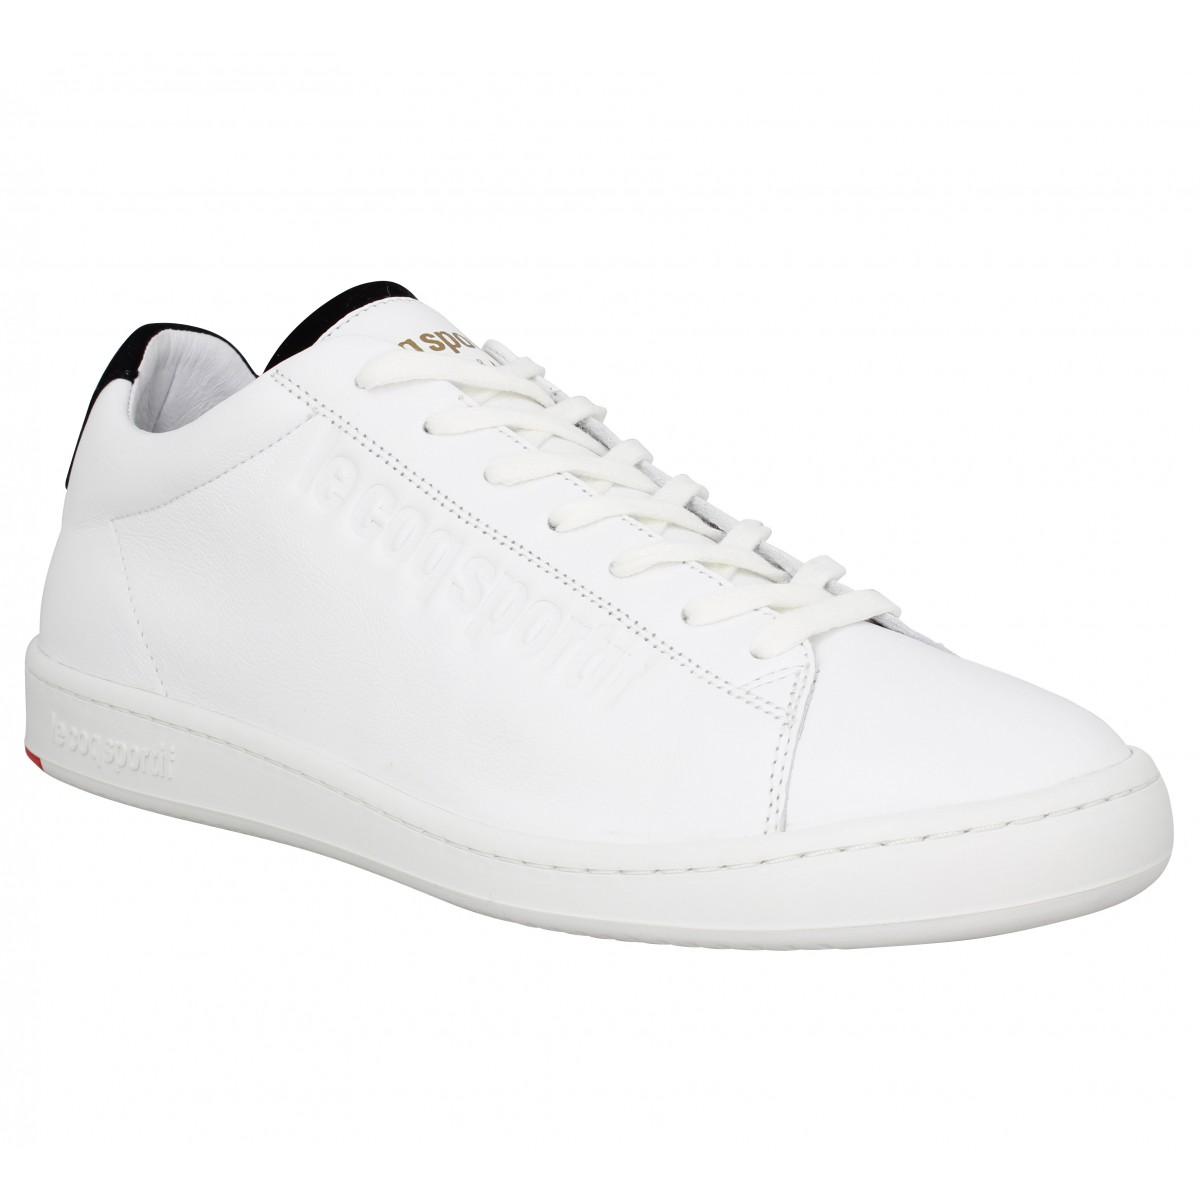 95a00d8713c8 Le coq sportif blazon cuir homme blanc homme | Fanny chaussures